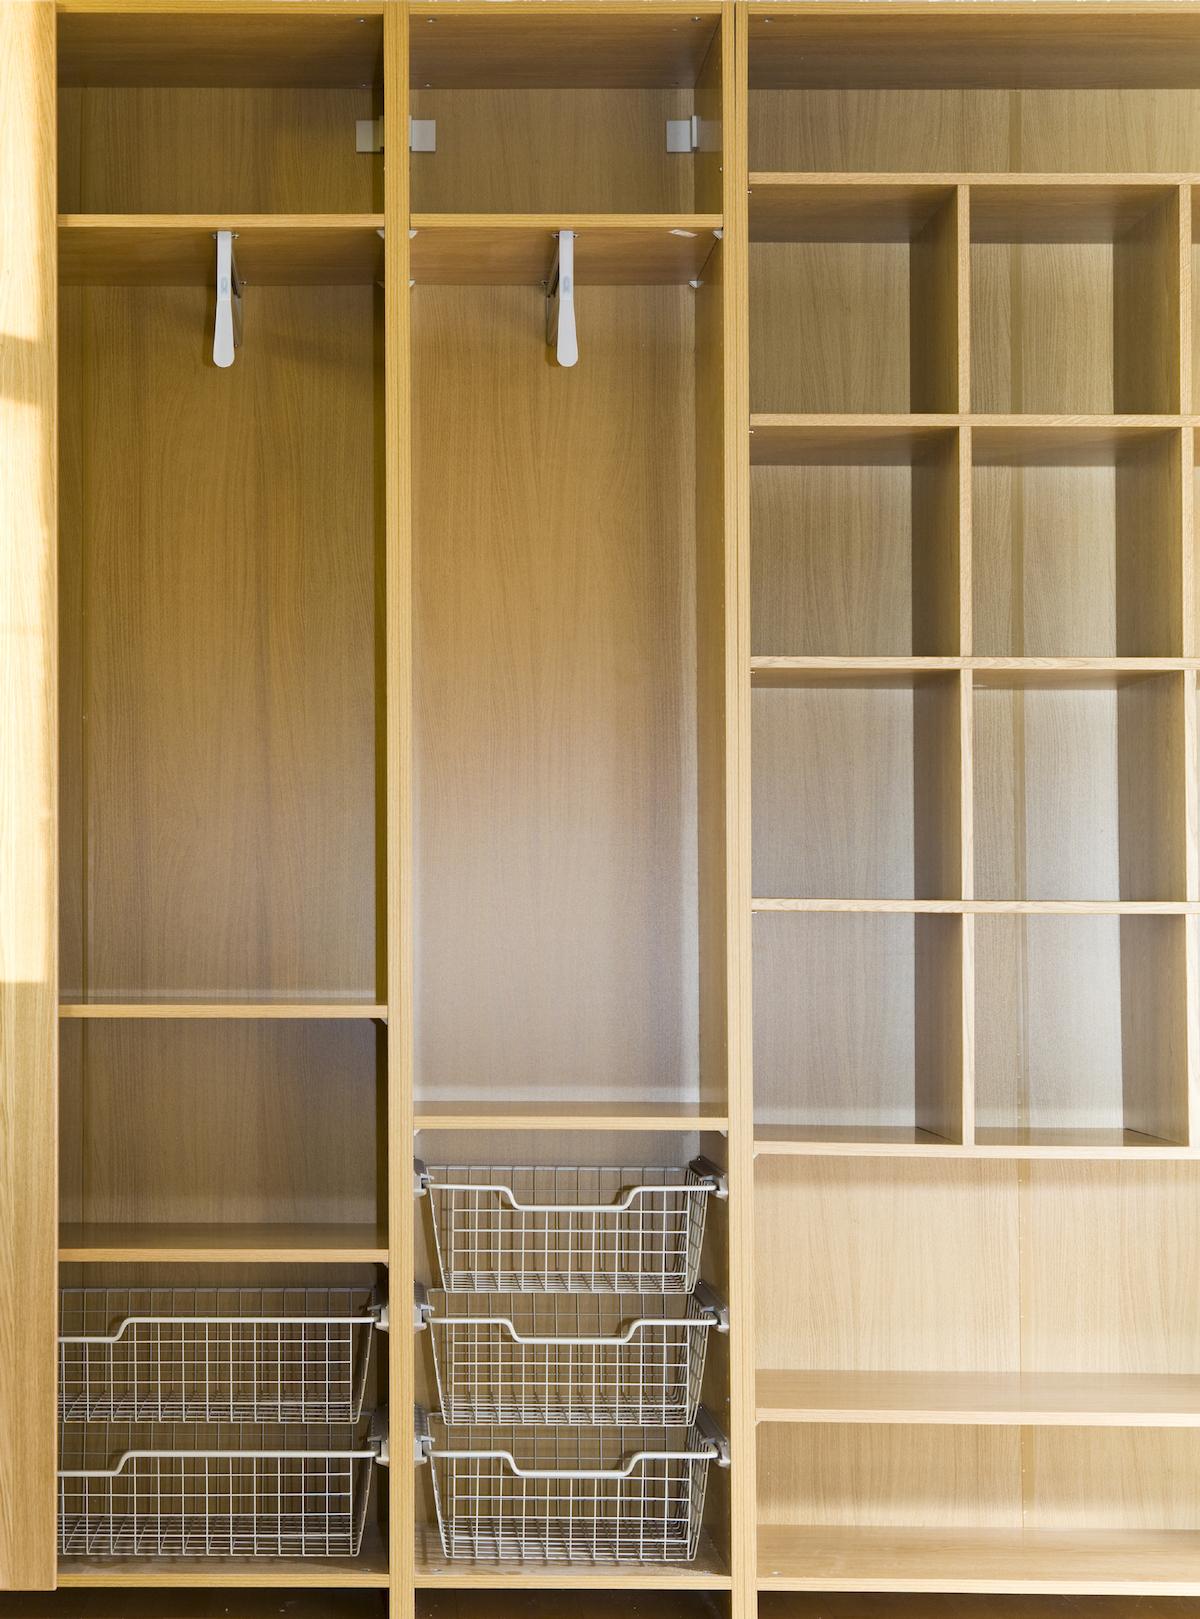 Empty Closet Cliparts.